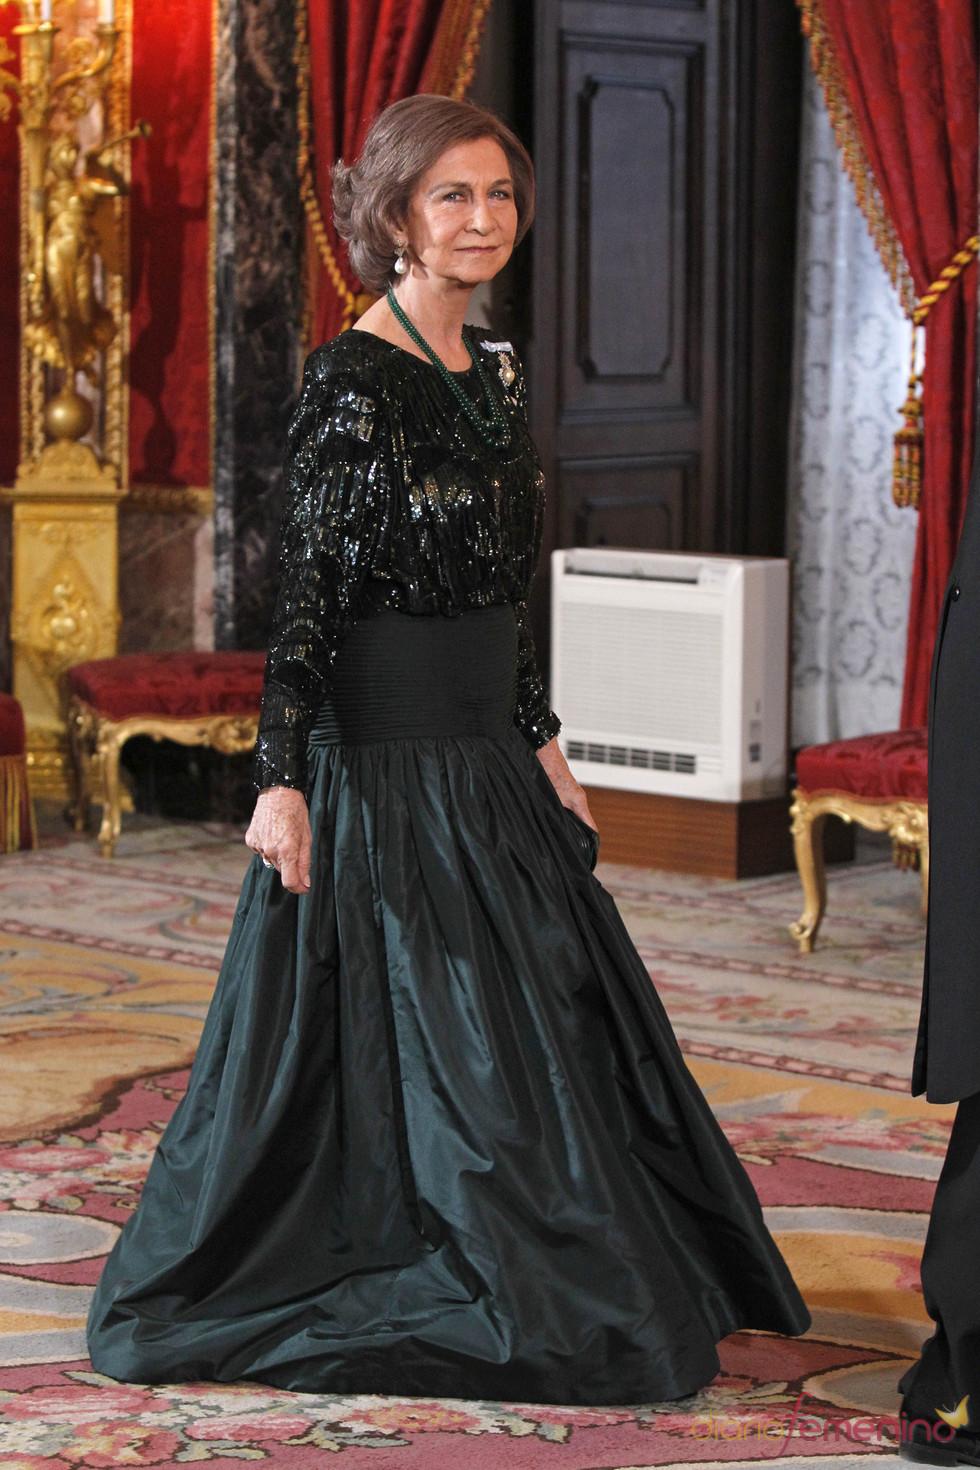 La Reina Sofía, muy elegante en la cena de gala en honor al emir de Qatar